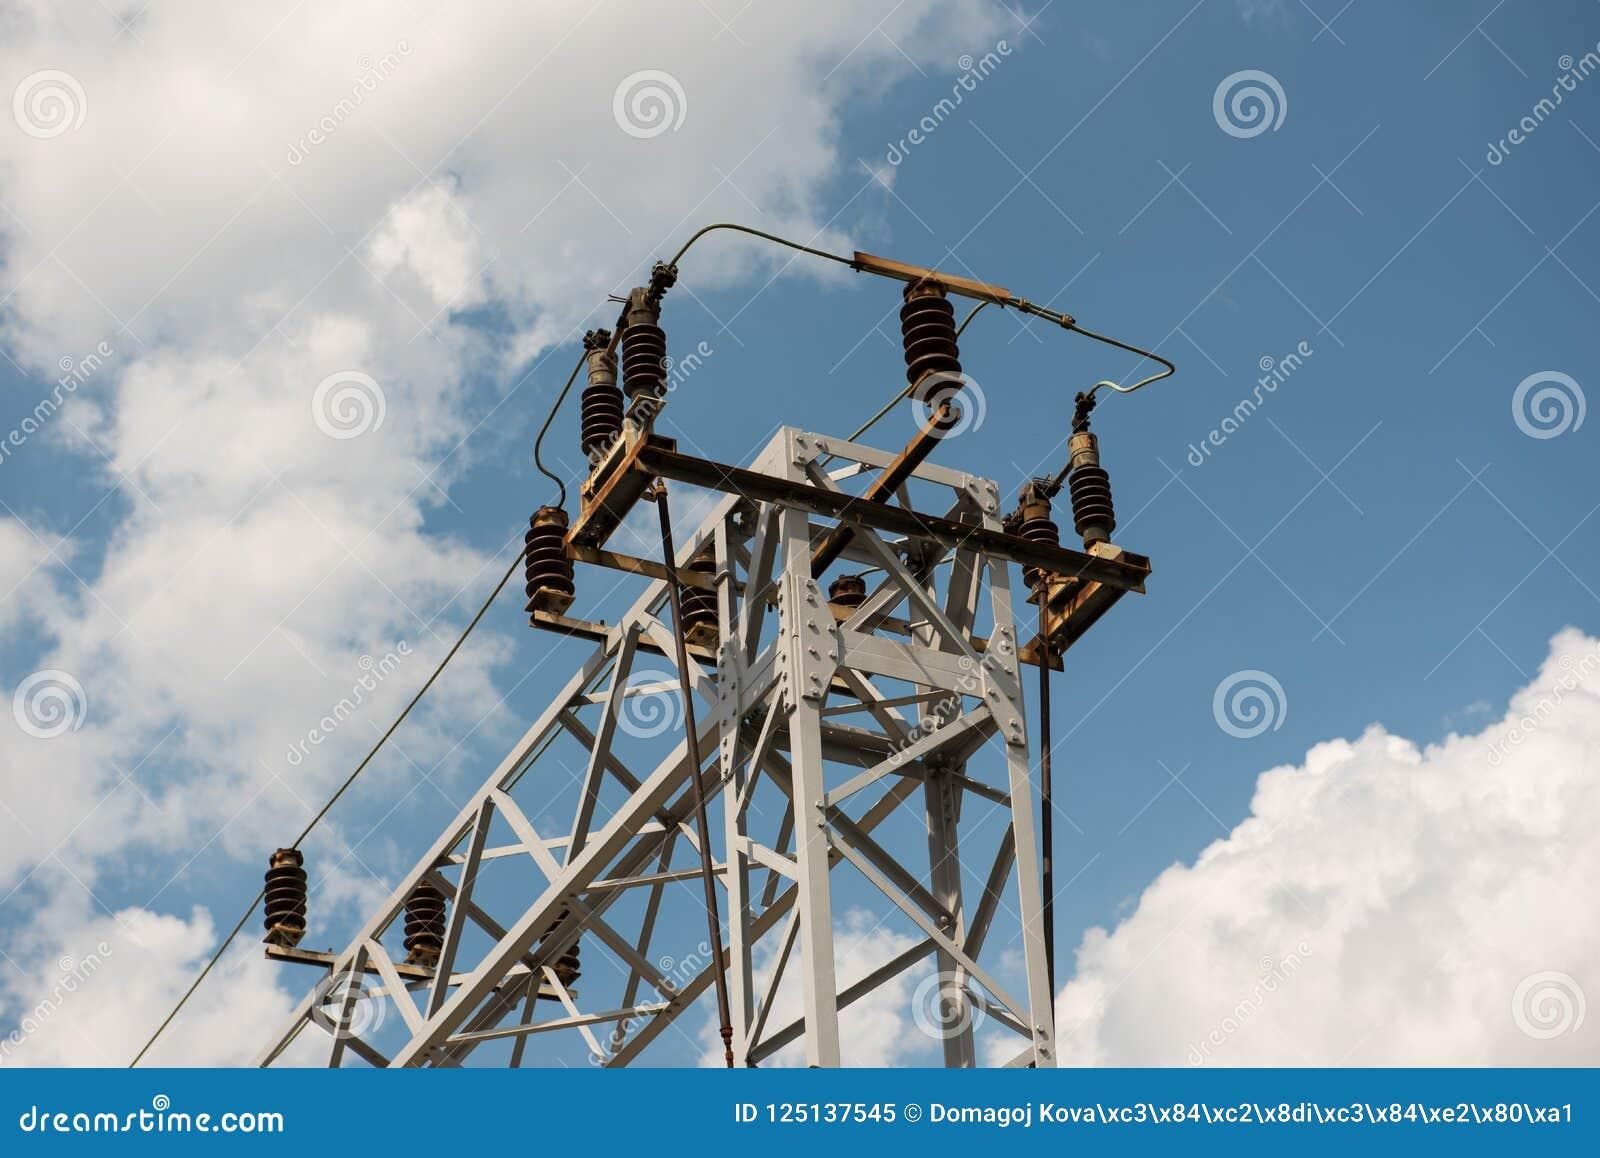 Ayuda de la línea eléctrica del tren o del ferrocarril Líneas eléctricas ferroviarias con electricidad de alto voltaje en polos d